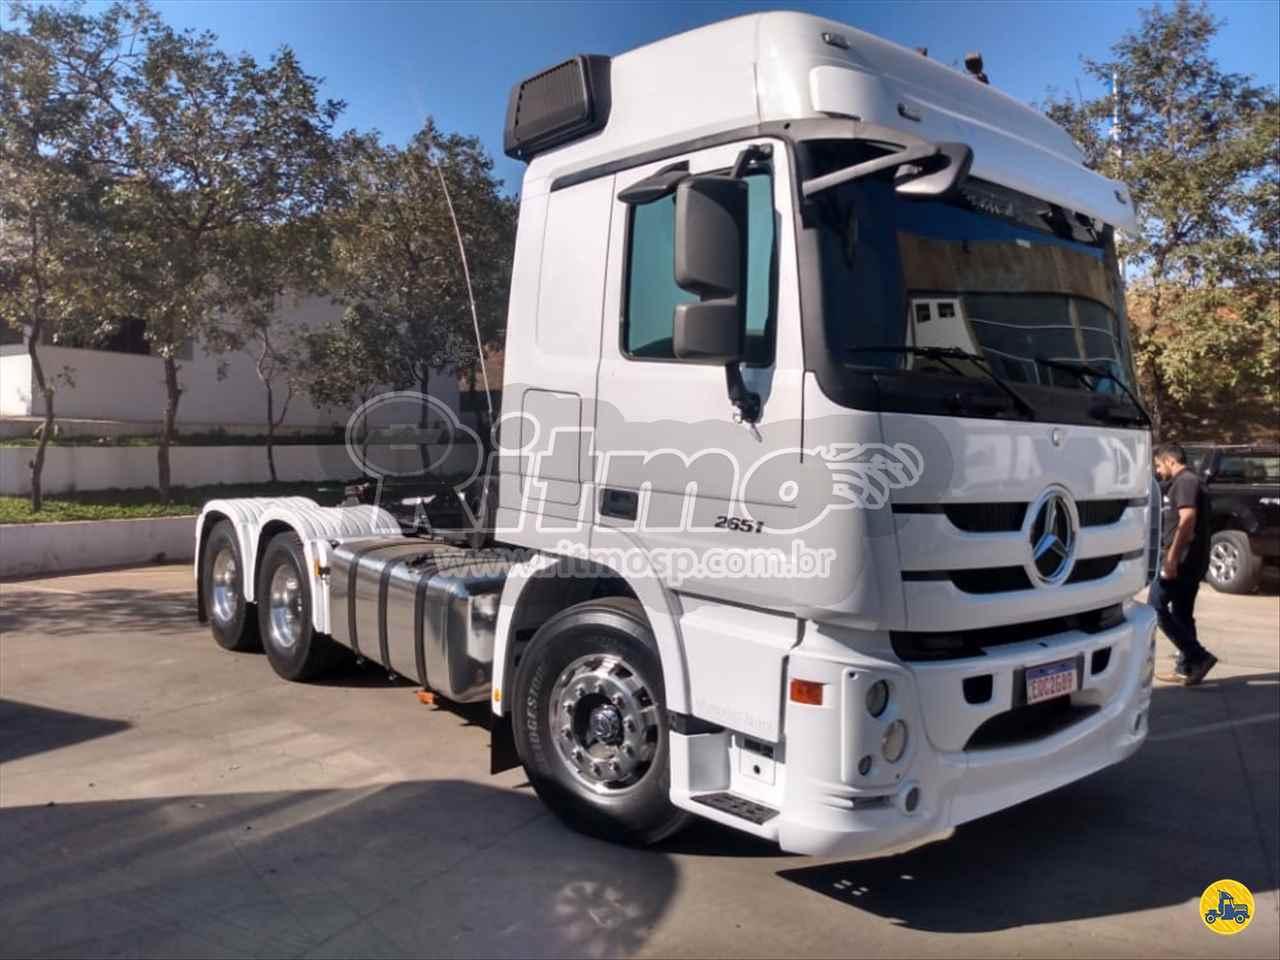 CAMINHAO MERCEDES-BENZ MB 2651 Chassis Traçado 6x4 Ritmo SP PIRASSUNUNGA SÃO PAULO SP